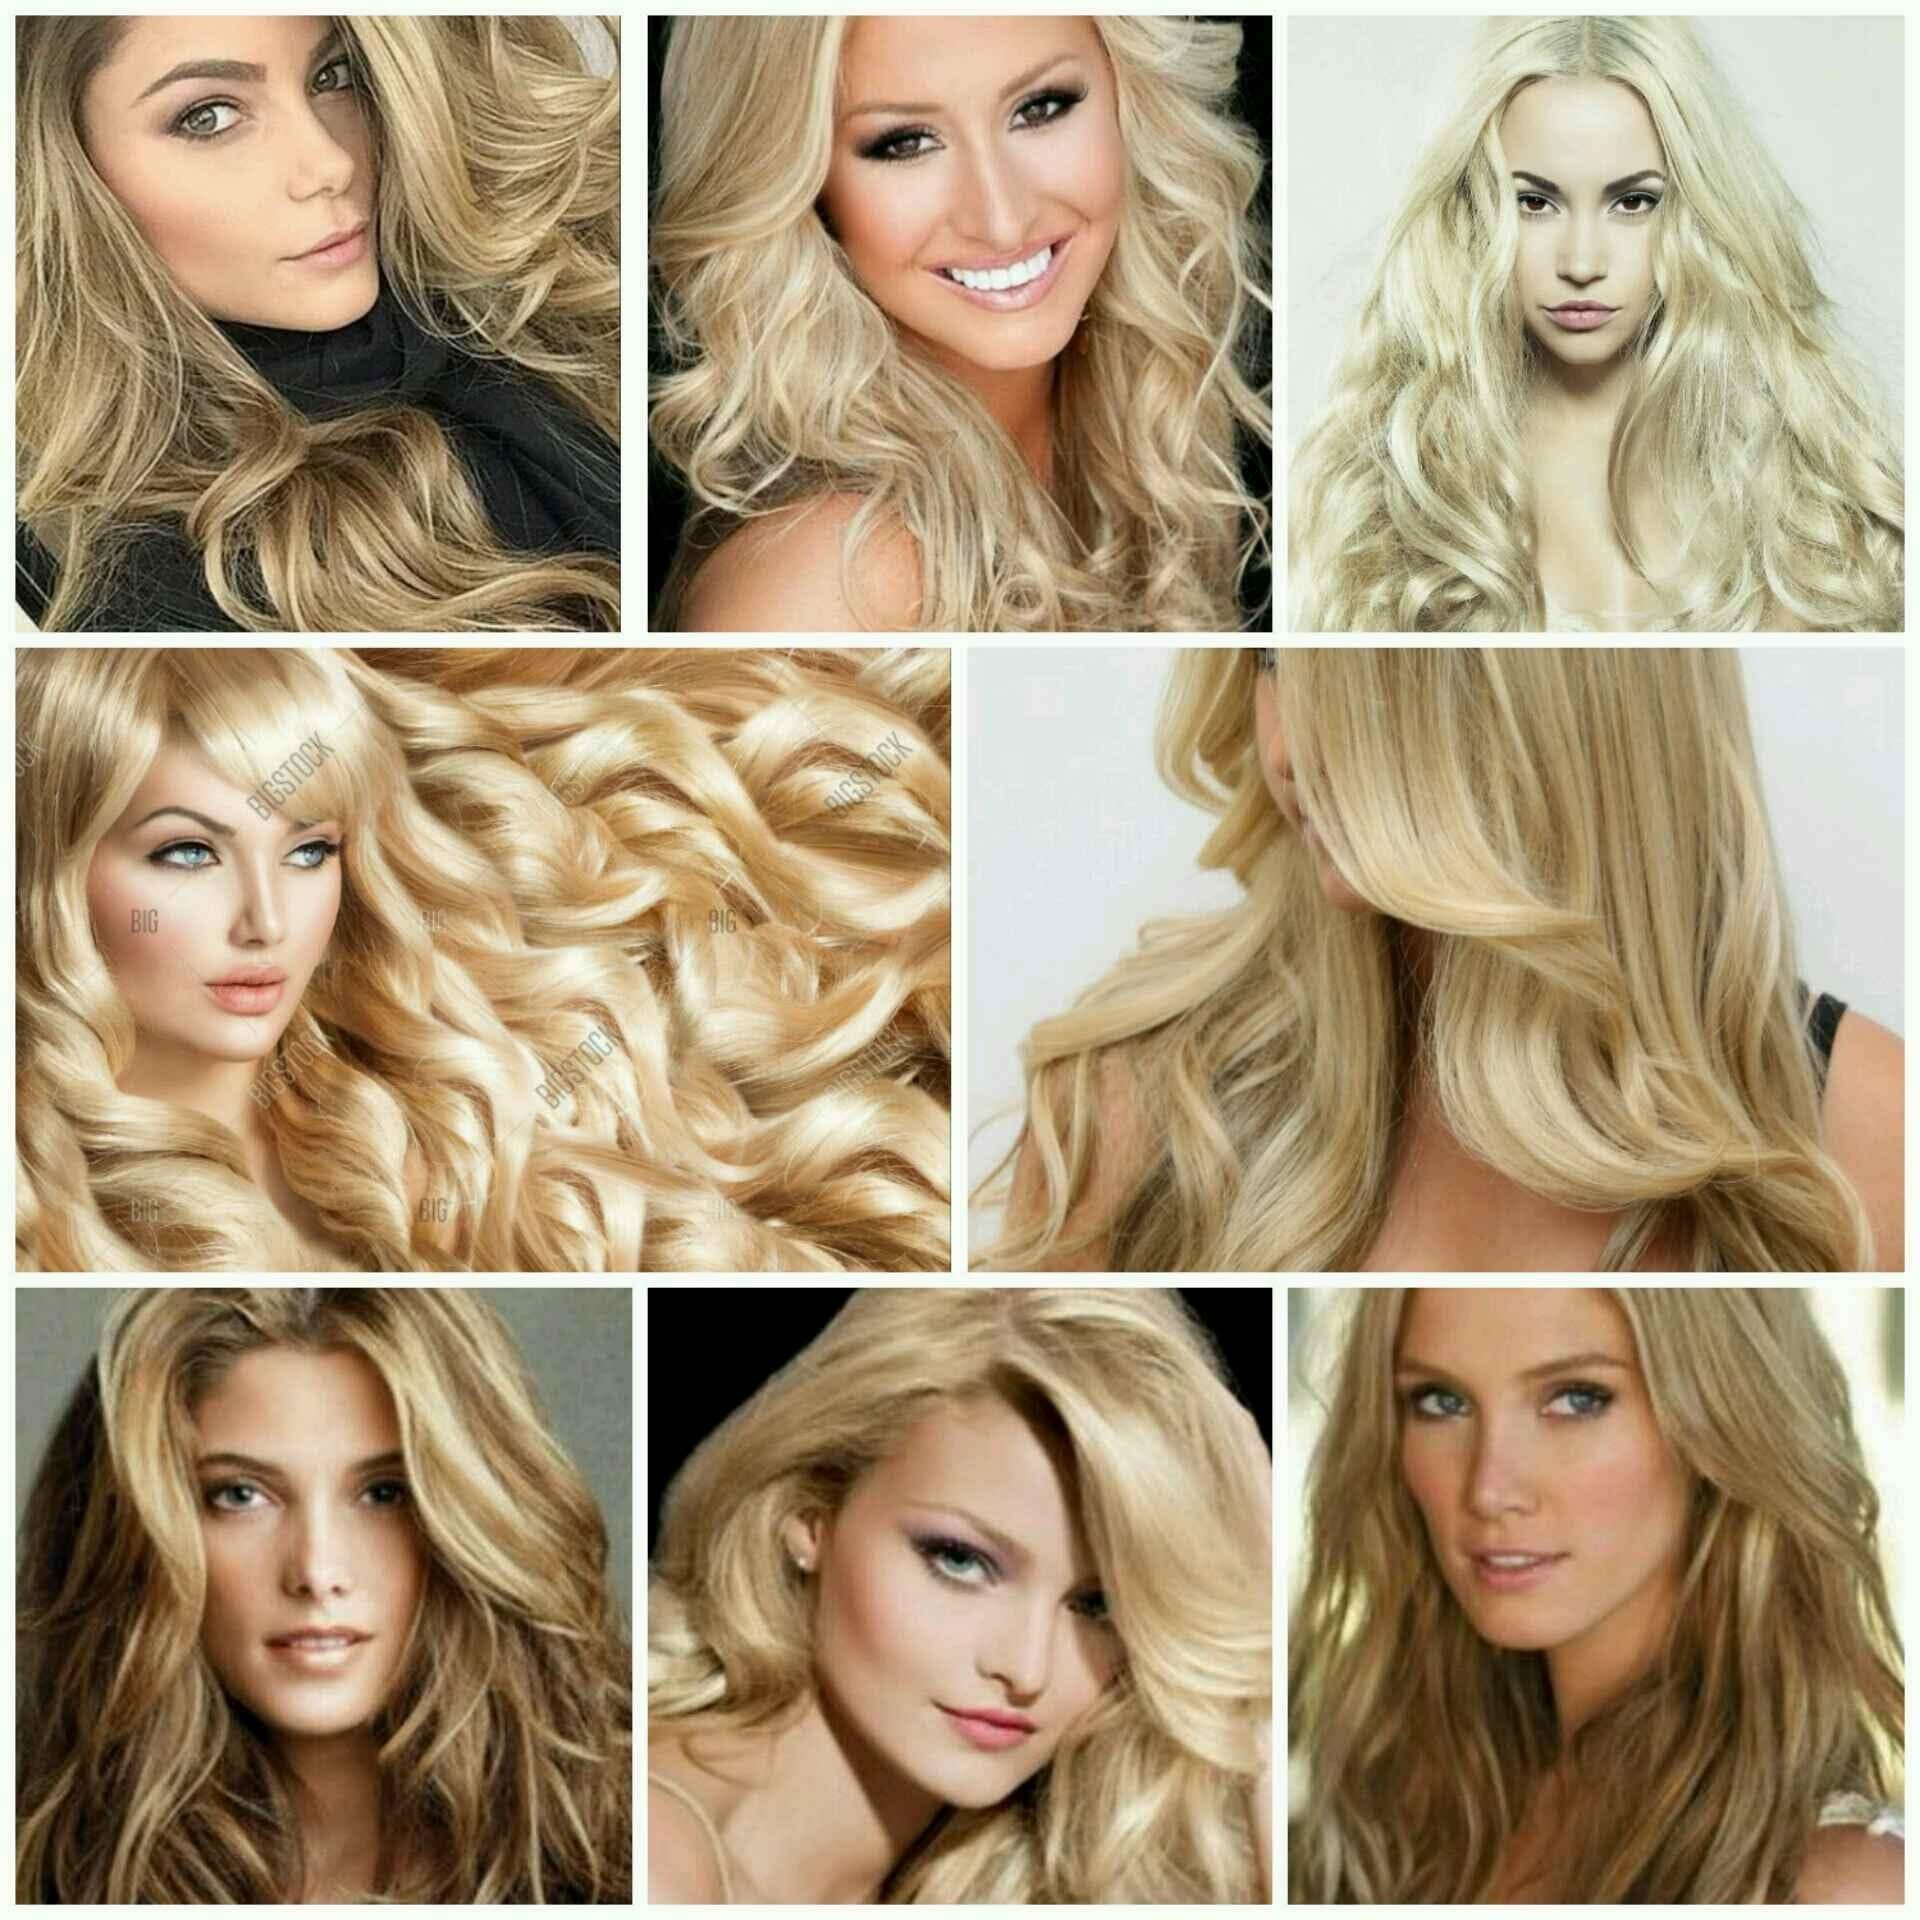 طرق إختيار ألوان الشعر التى تناسب البشرة والعيون جديدة